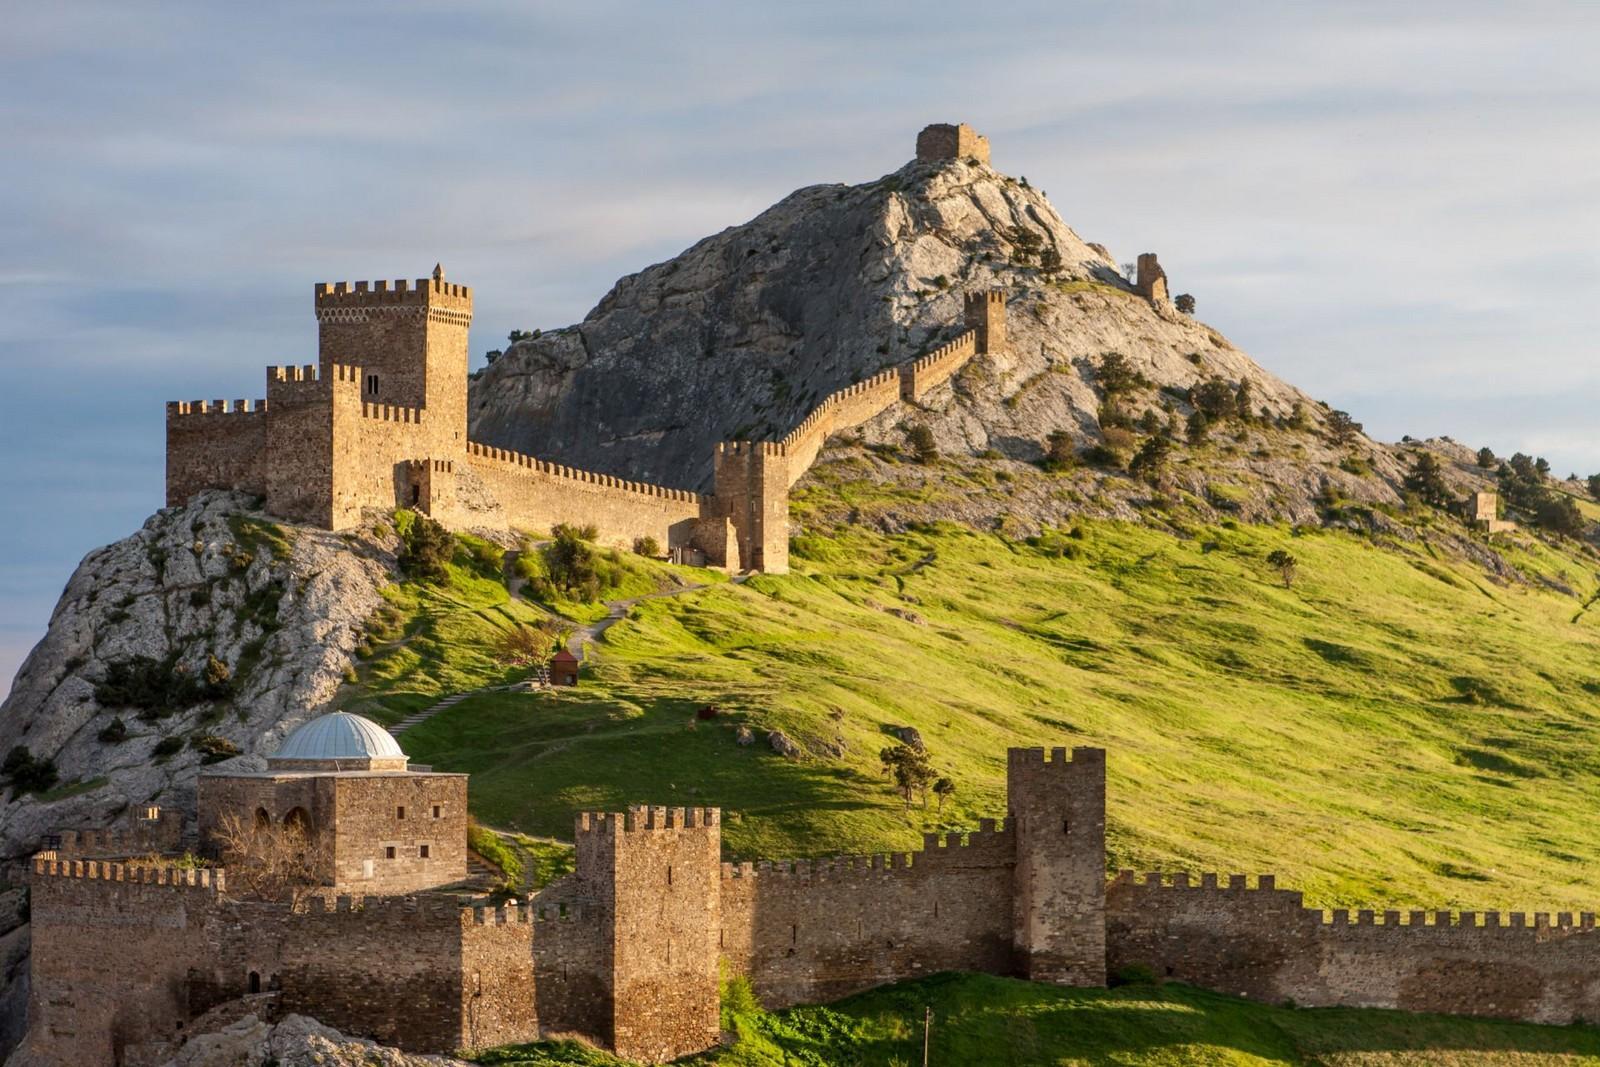 Крепость в Судаке была построена генуэзцами по всем правилам средневековой фортификации на месте старого византийского укрепления. Строилась она долго – почти сотню лет с 1371 по 1469 годы.